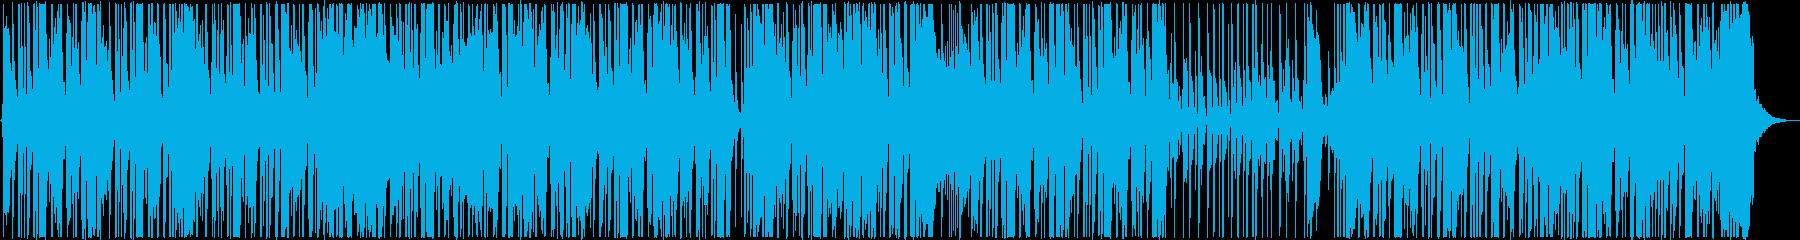 ファンキーなロックステディの再生済みの波形